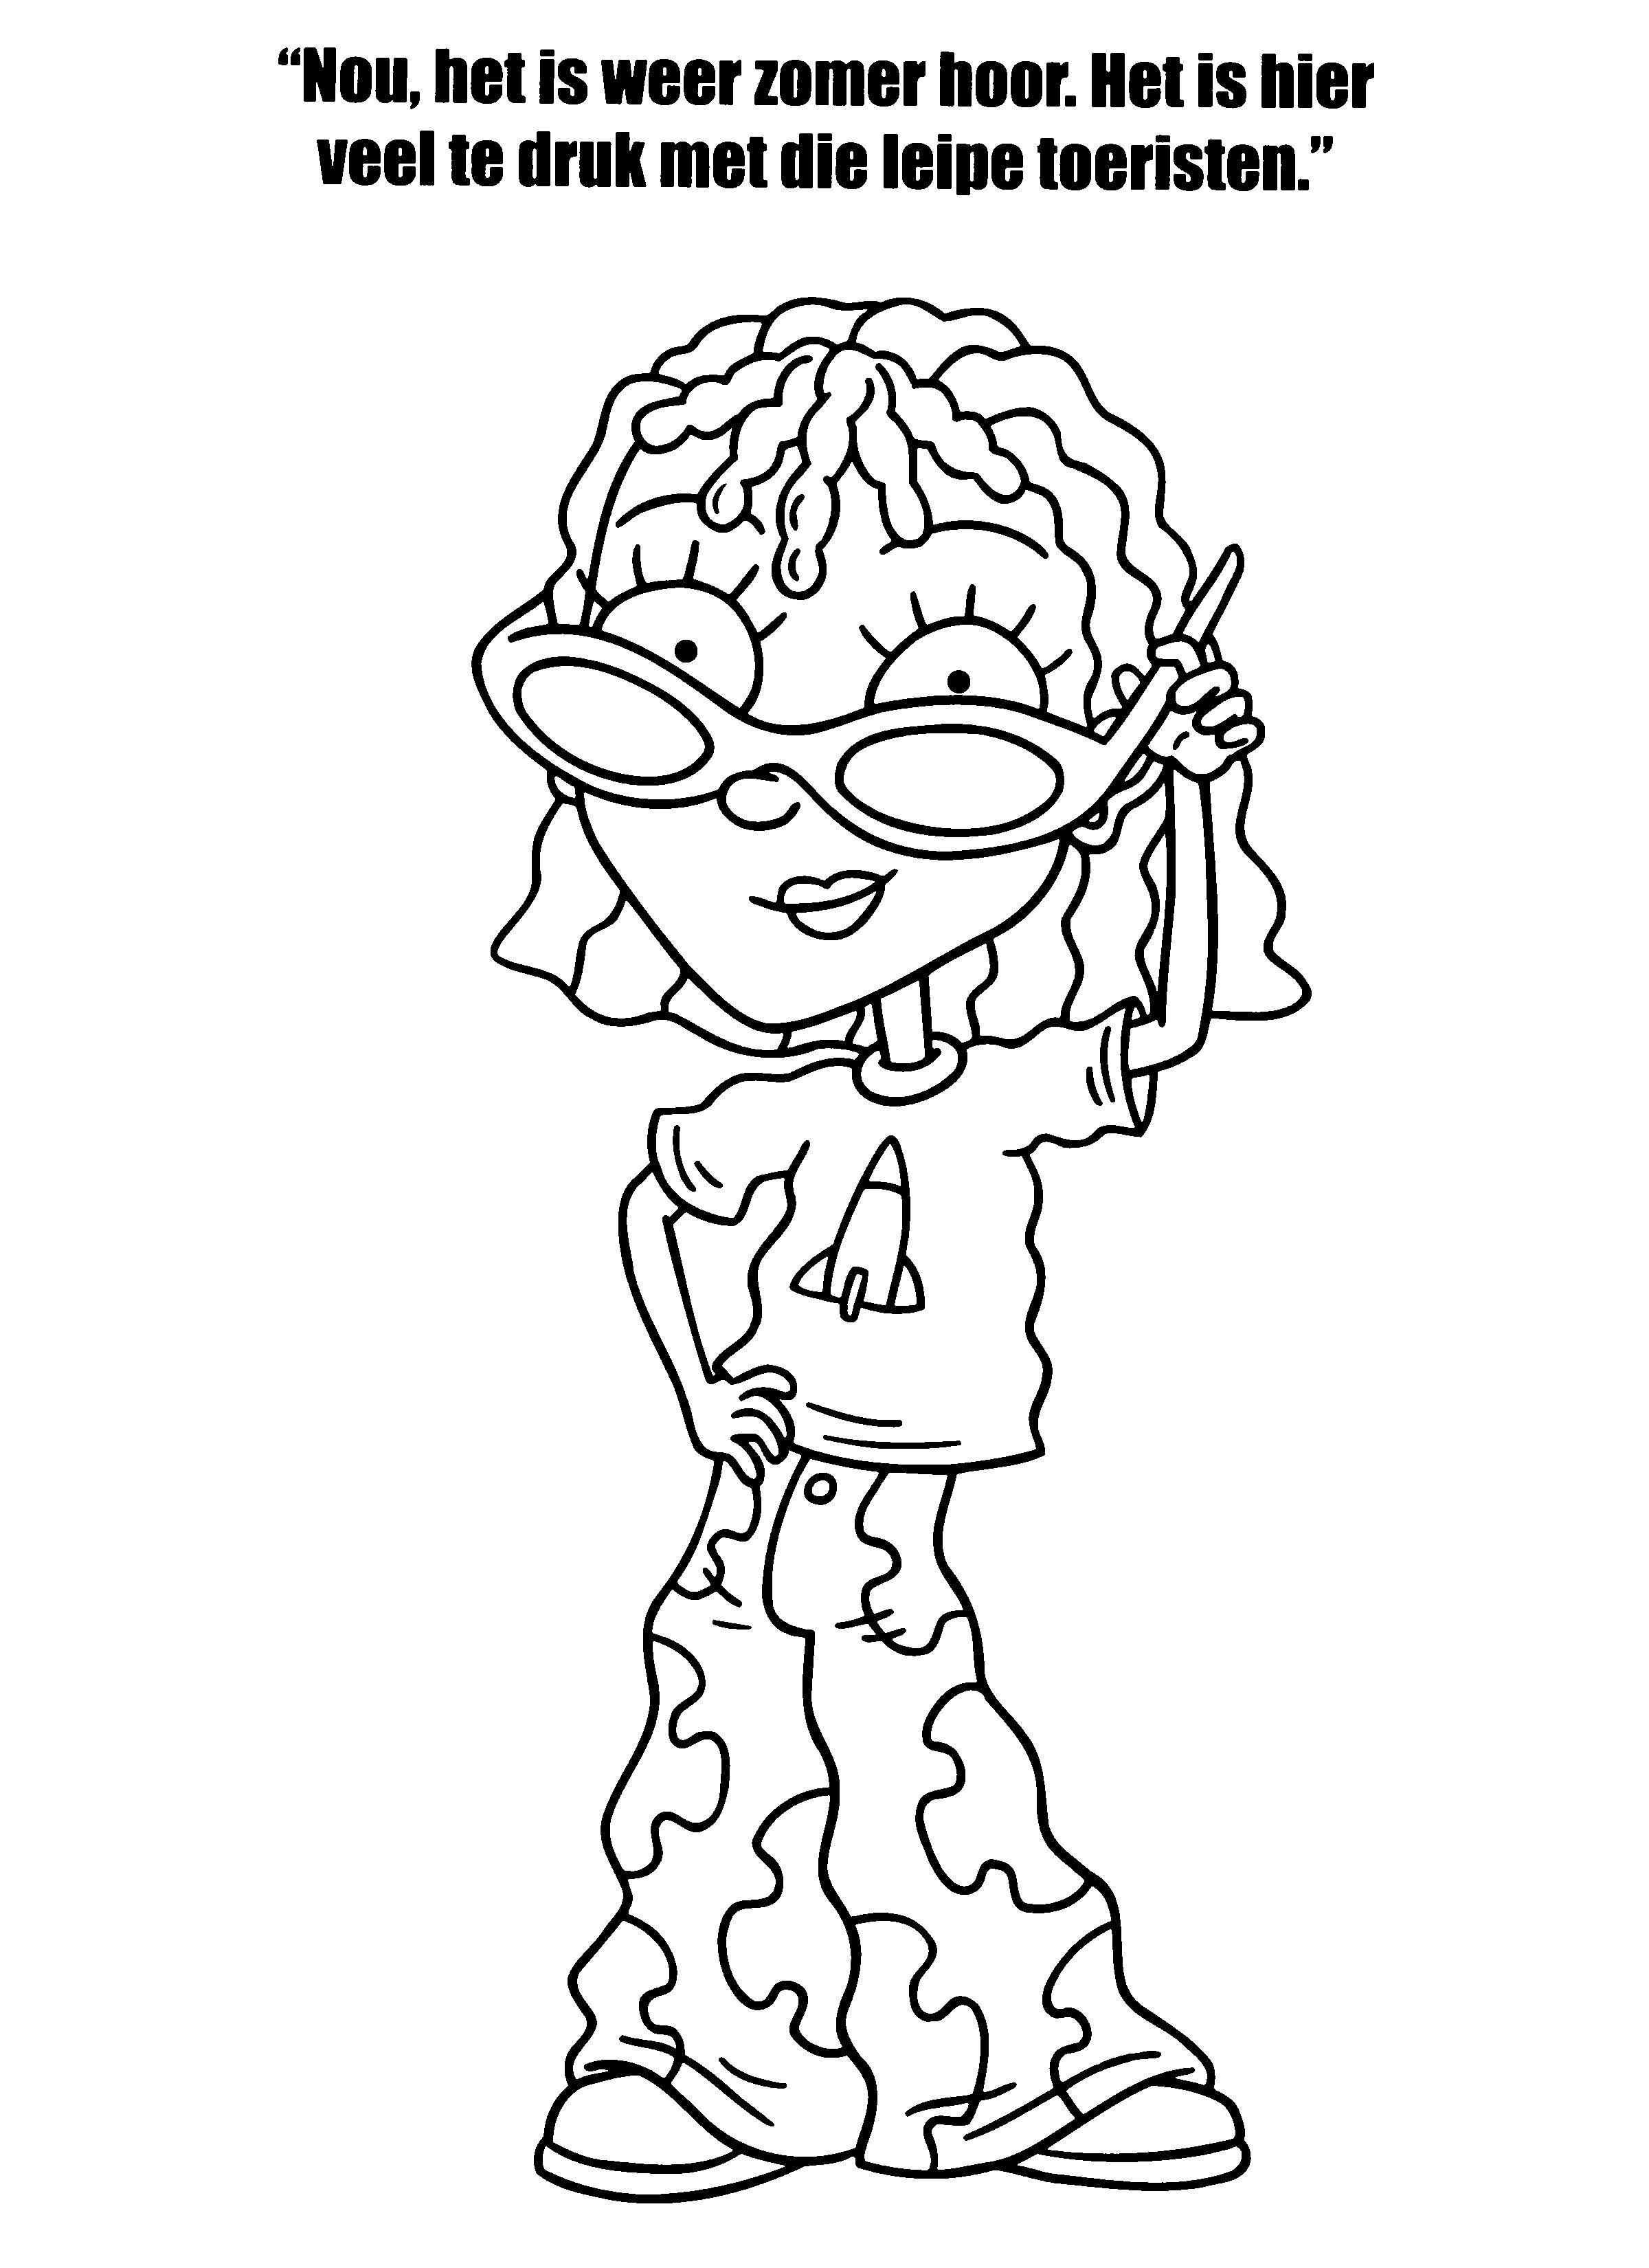 Desenhos para colorir para crianças. Desenhos para imprimir e colorir Rocket Power 16